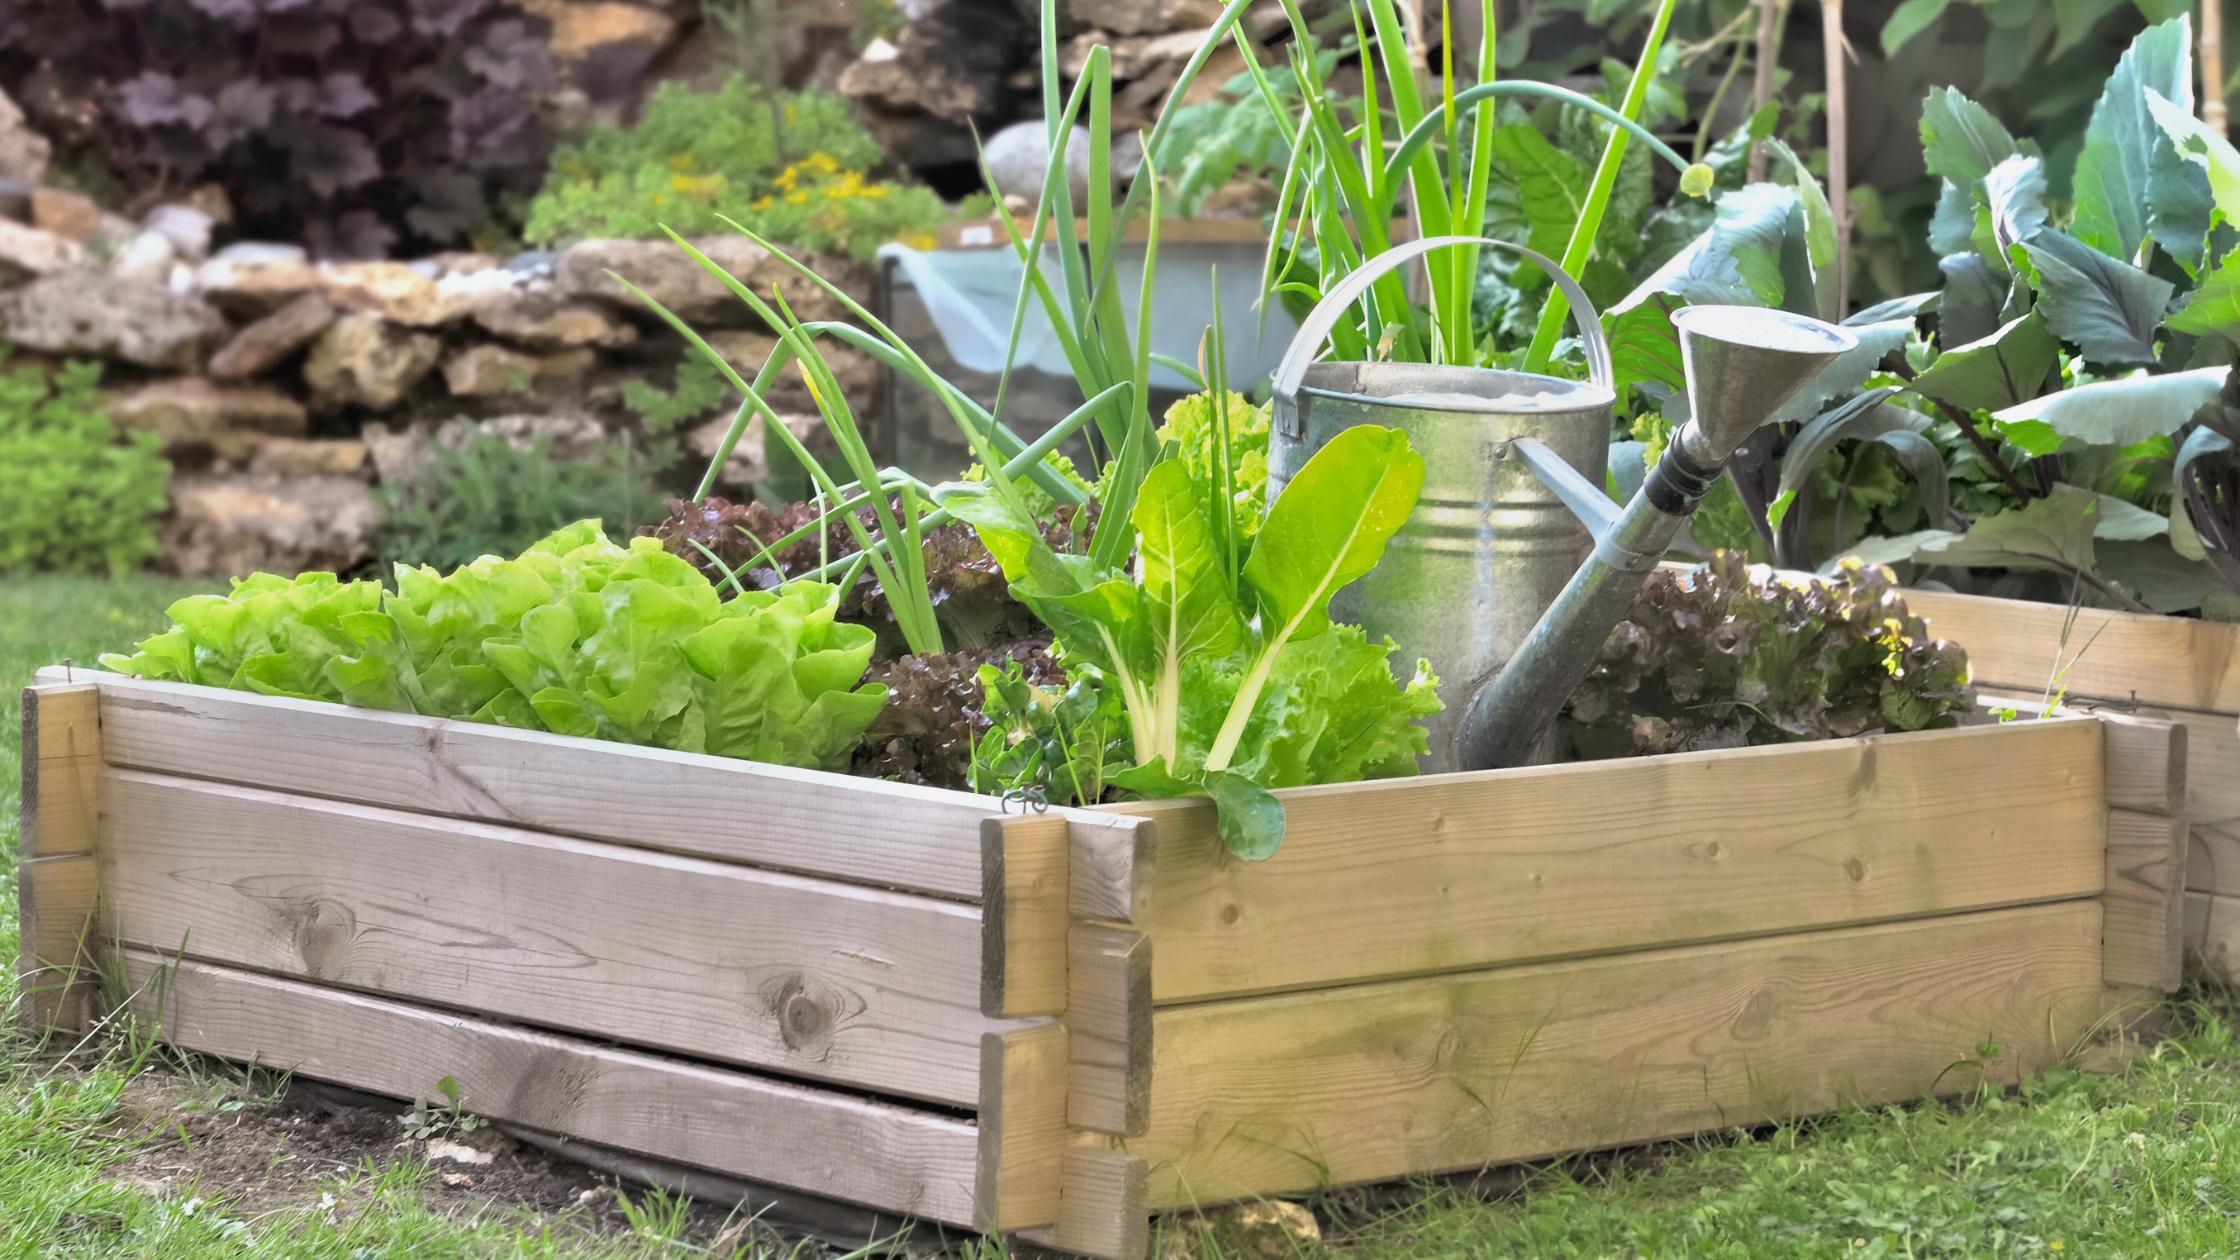 Los mejores fertilizantes naturales para tu huerto ecológico